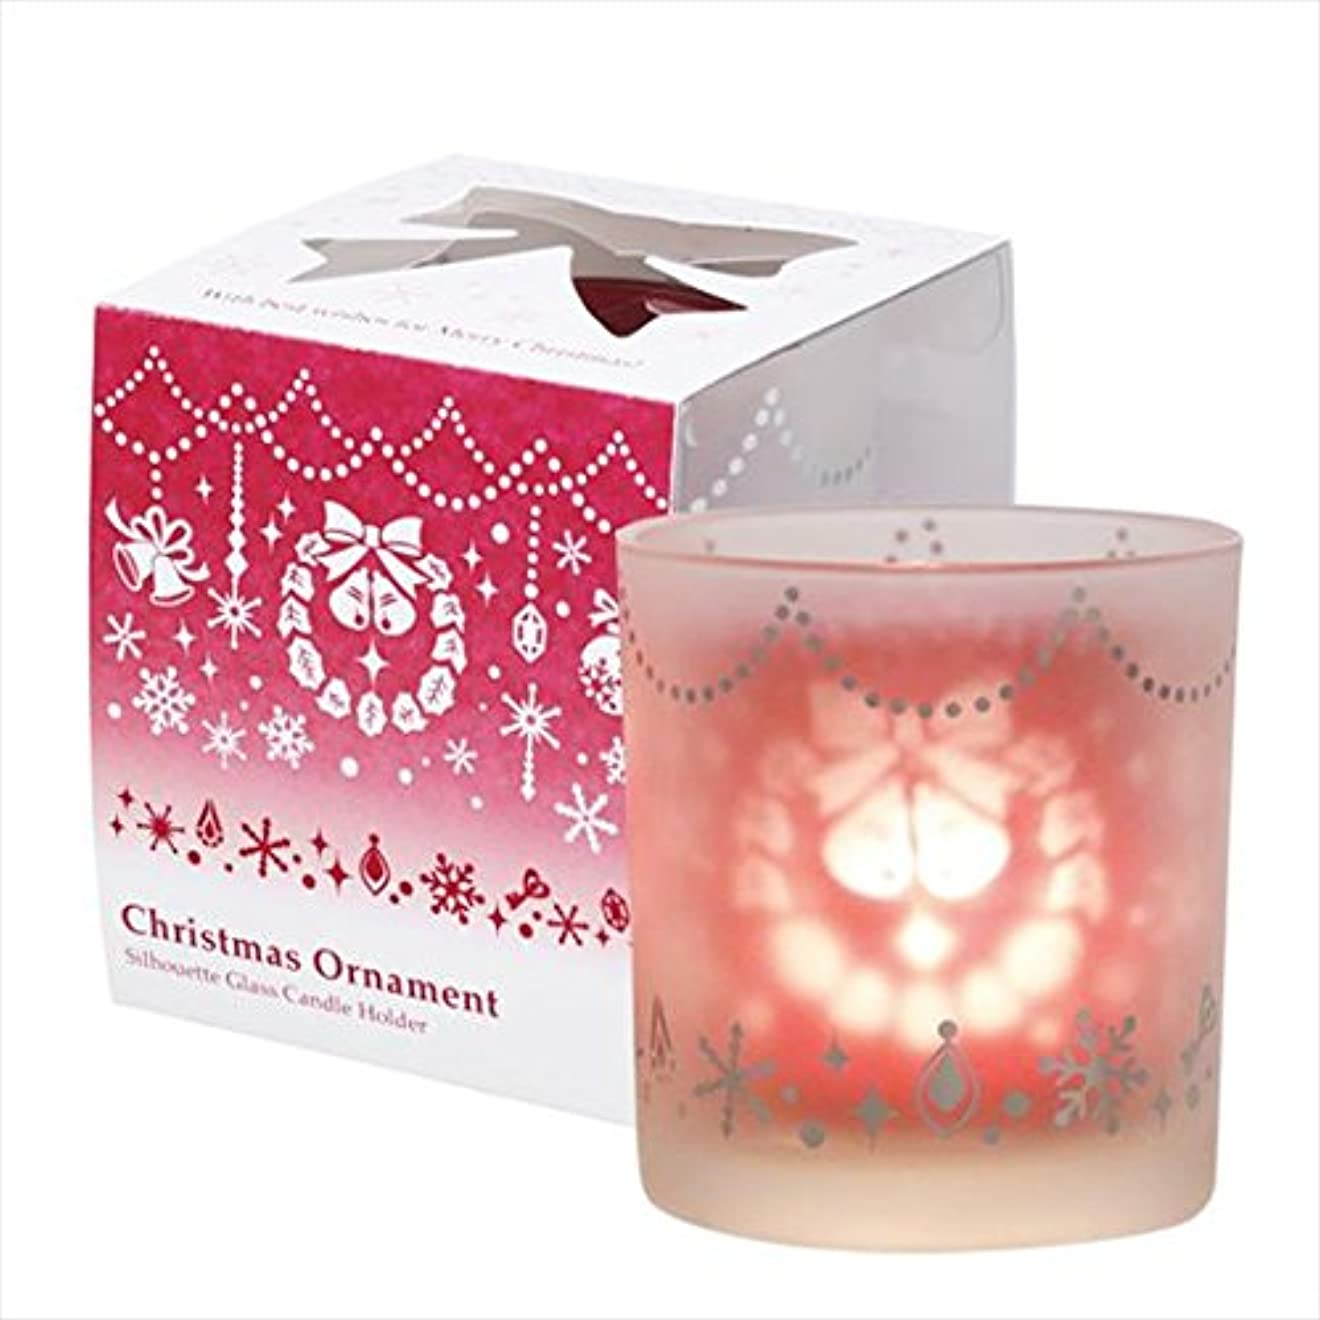 塗抹四面体影響力のあるカメヤマキャンドル(kameyama candle) クリスマスオーナメント